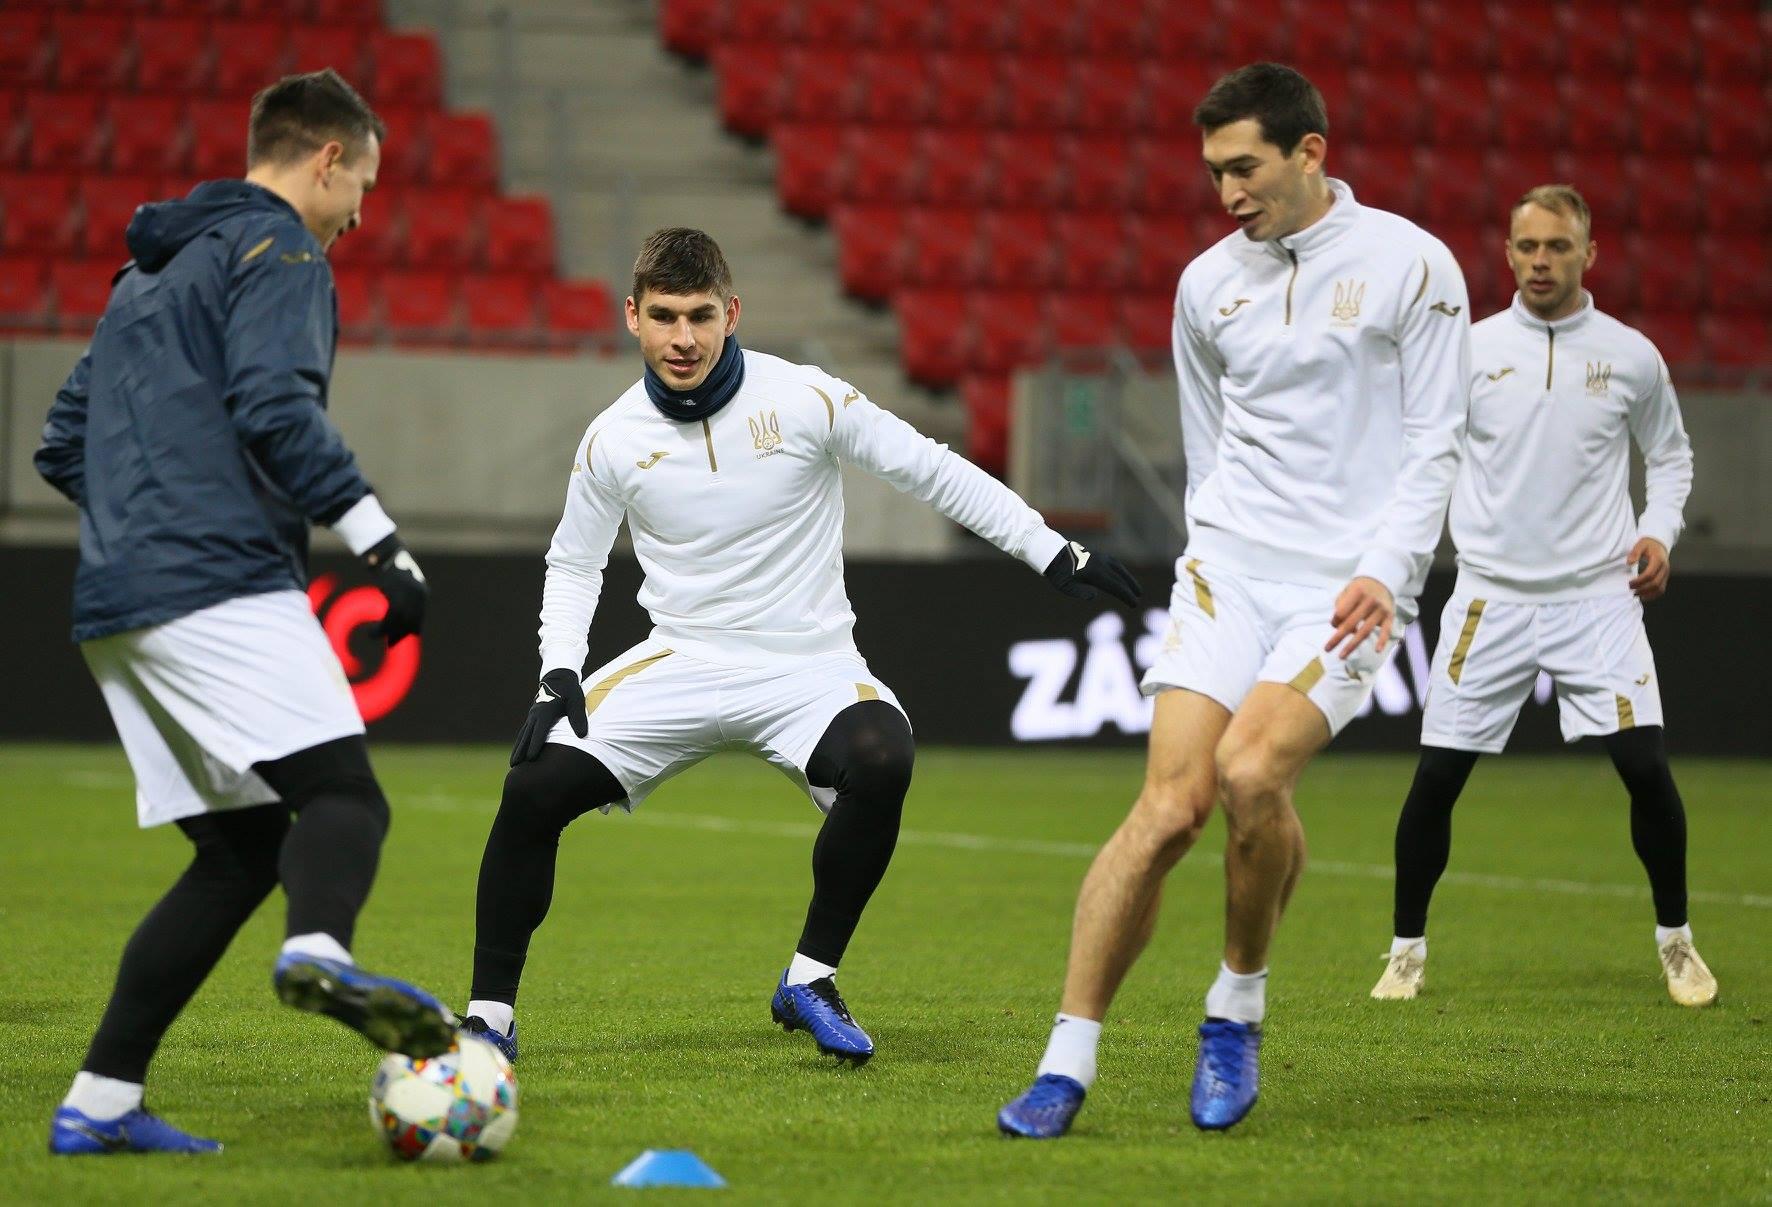 Как сборная Украины готовится к игре со словаками: фото